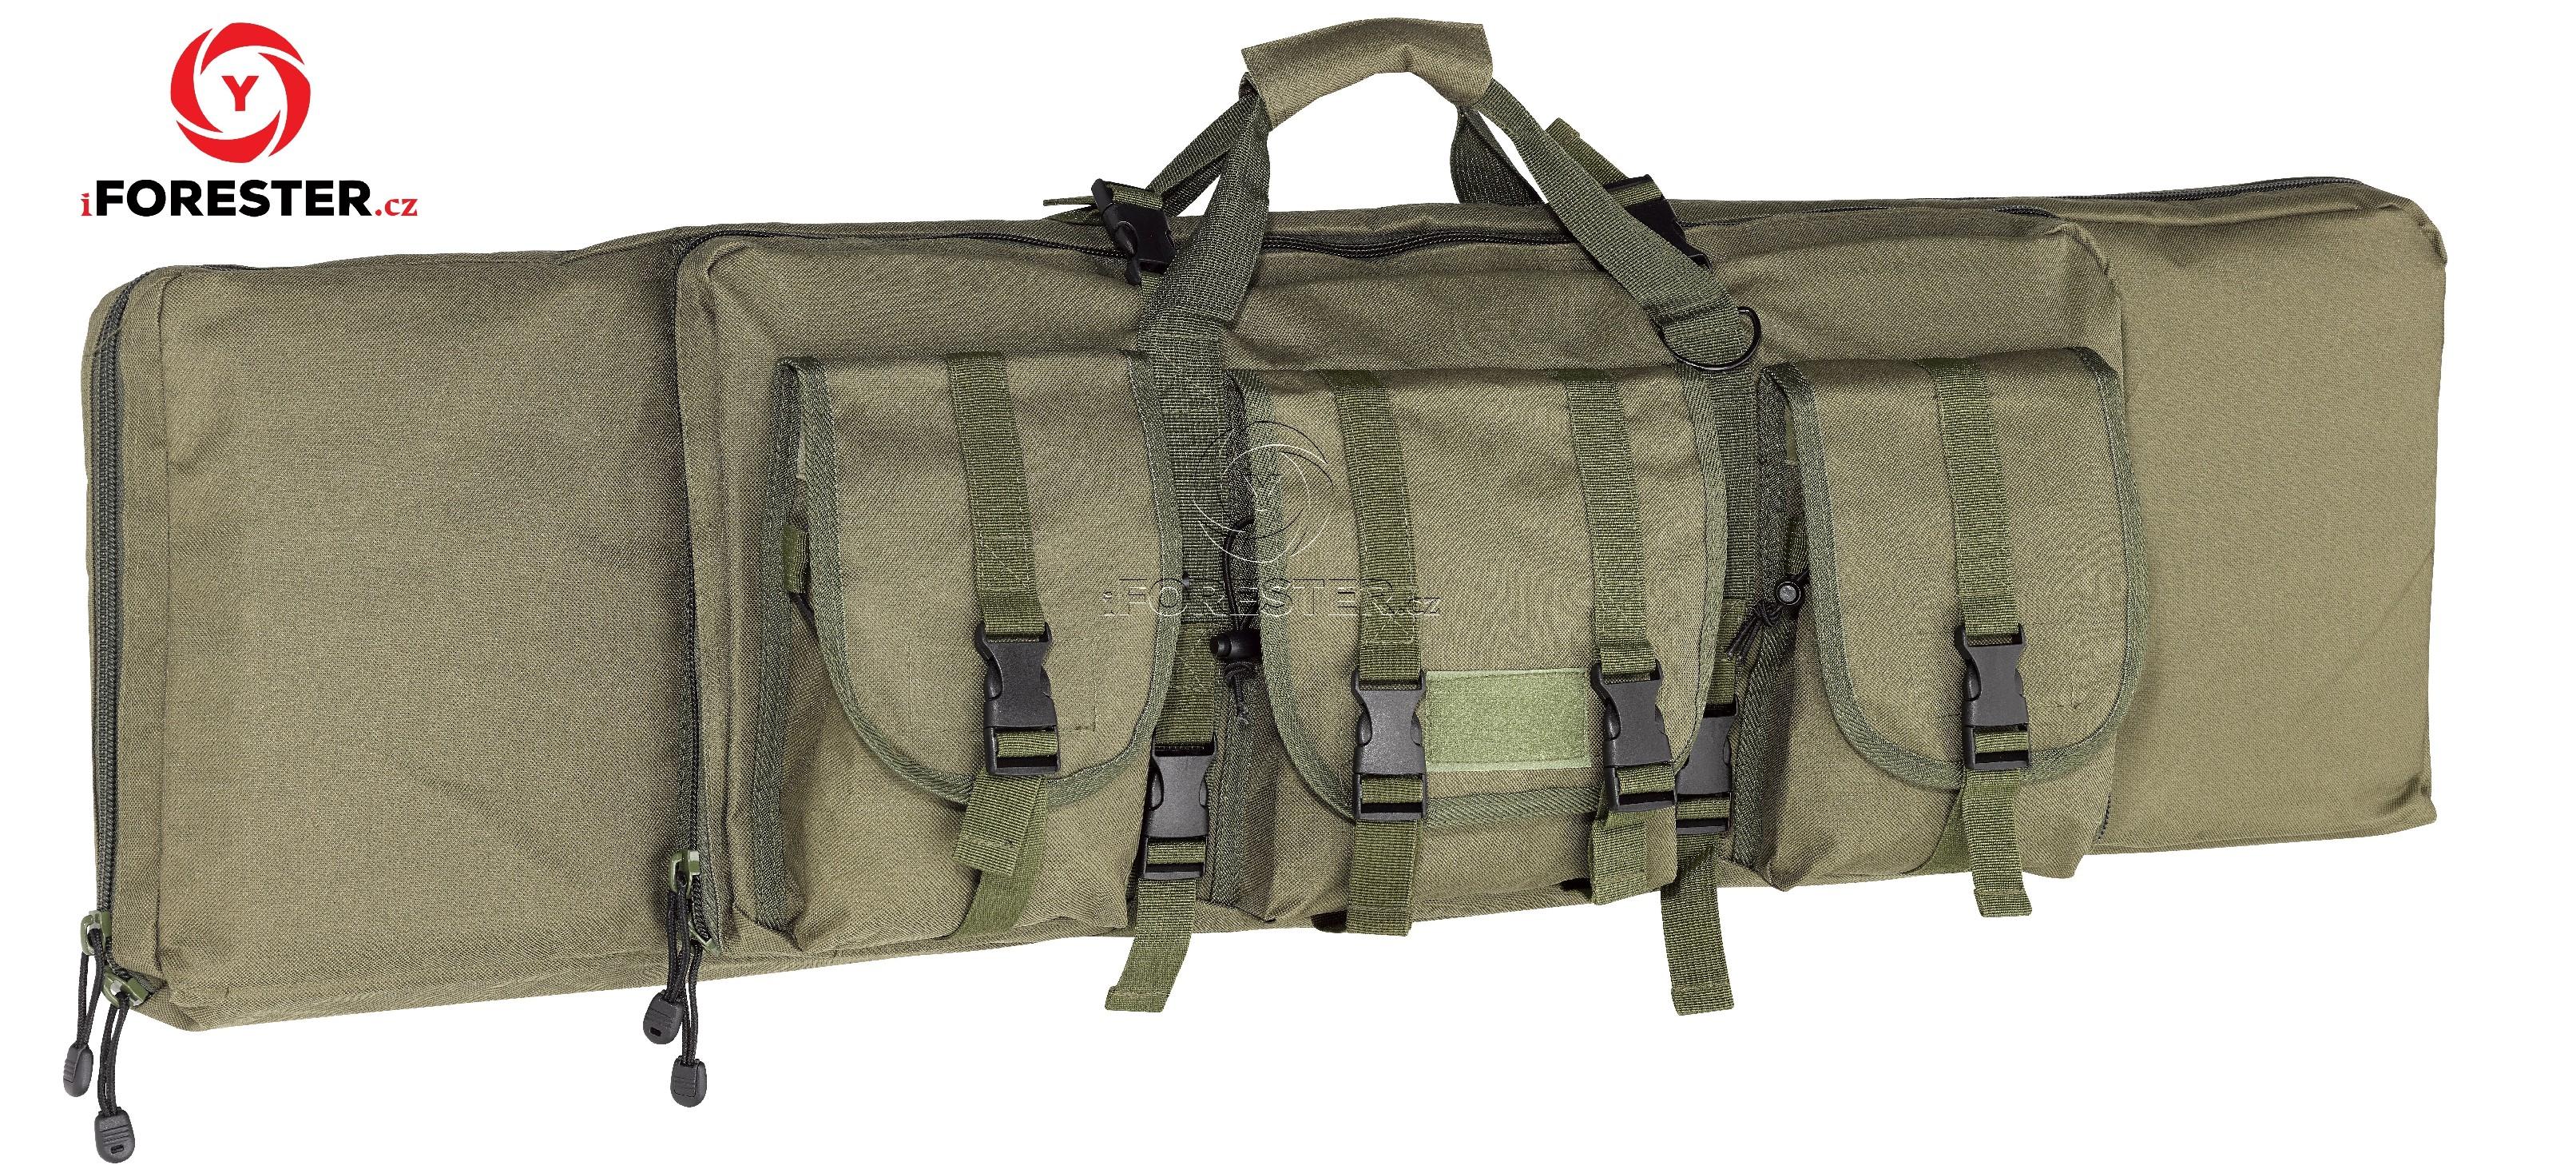 Pouzdro Tactical na dlouhou zbraň ODEON - 107x30 cm (zelená, černá) Barva: Zelená